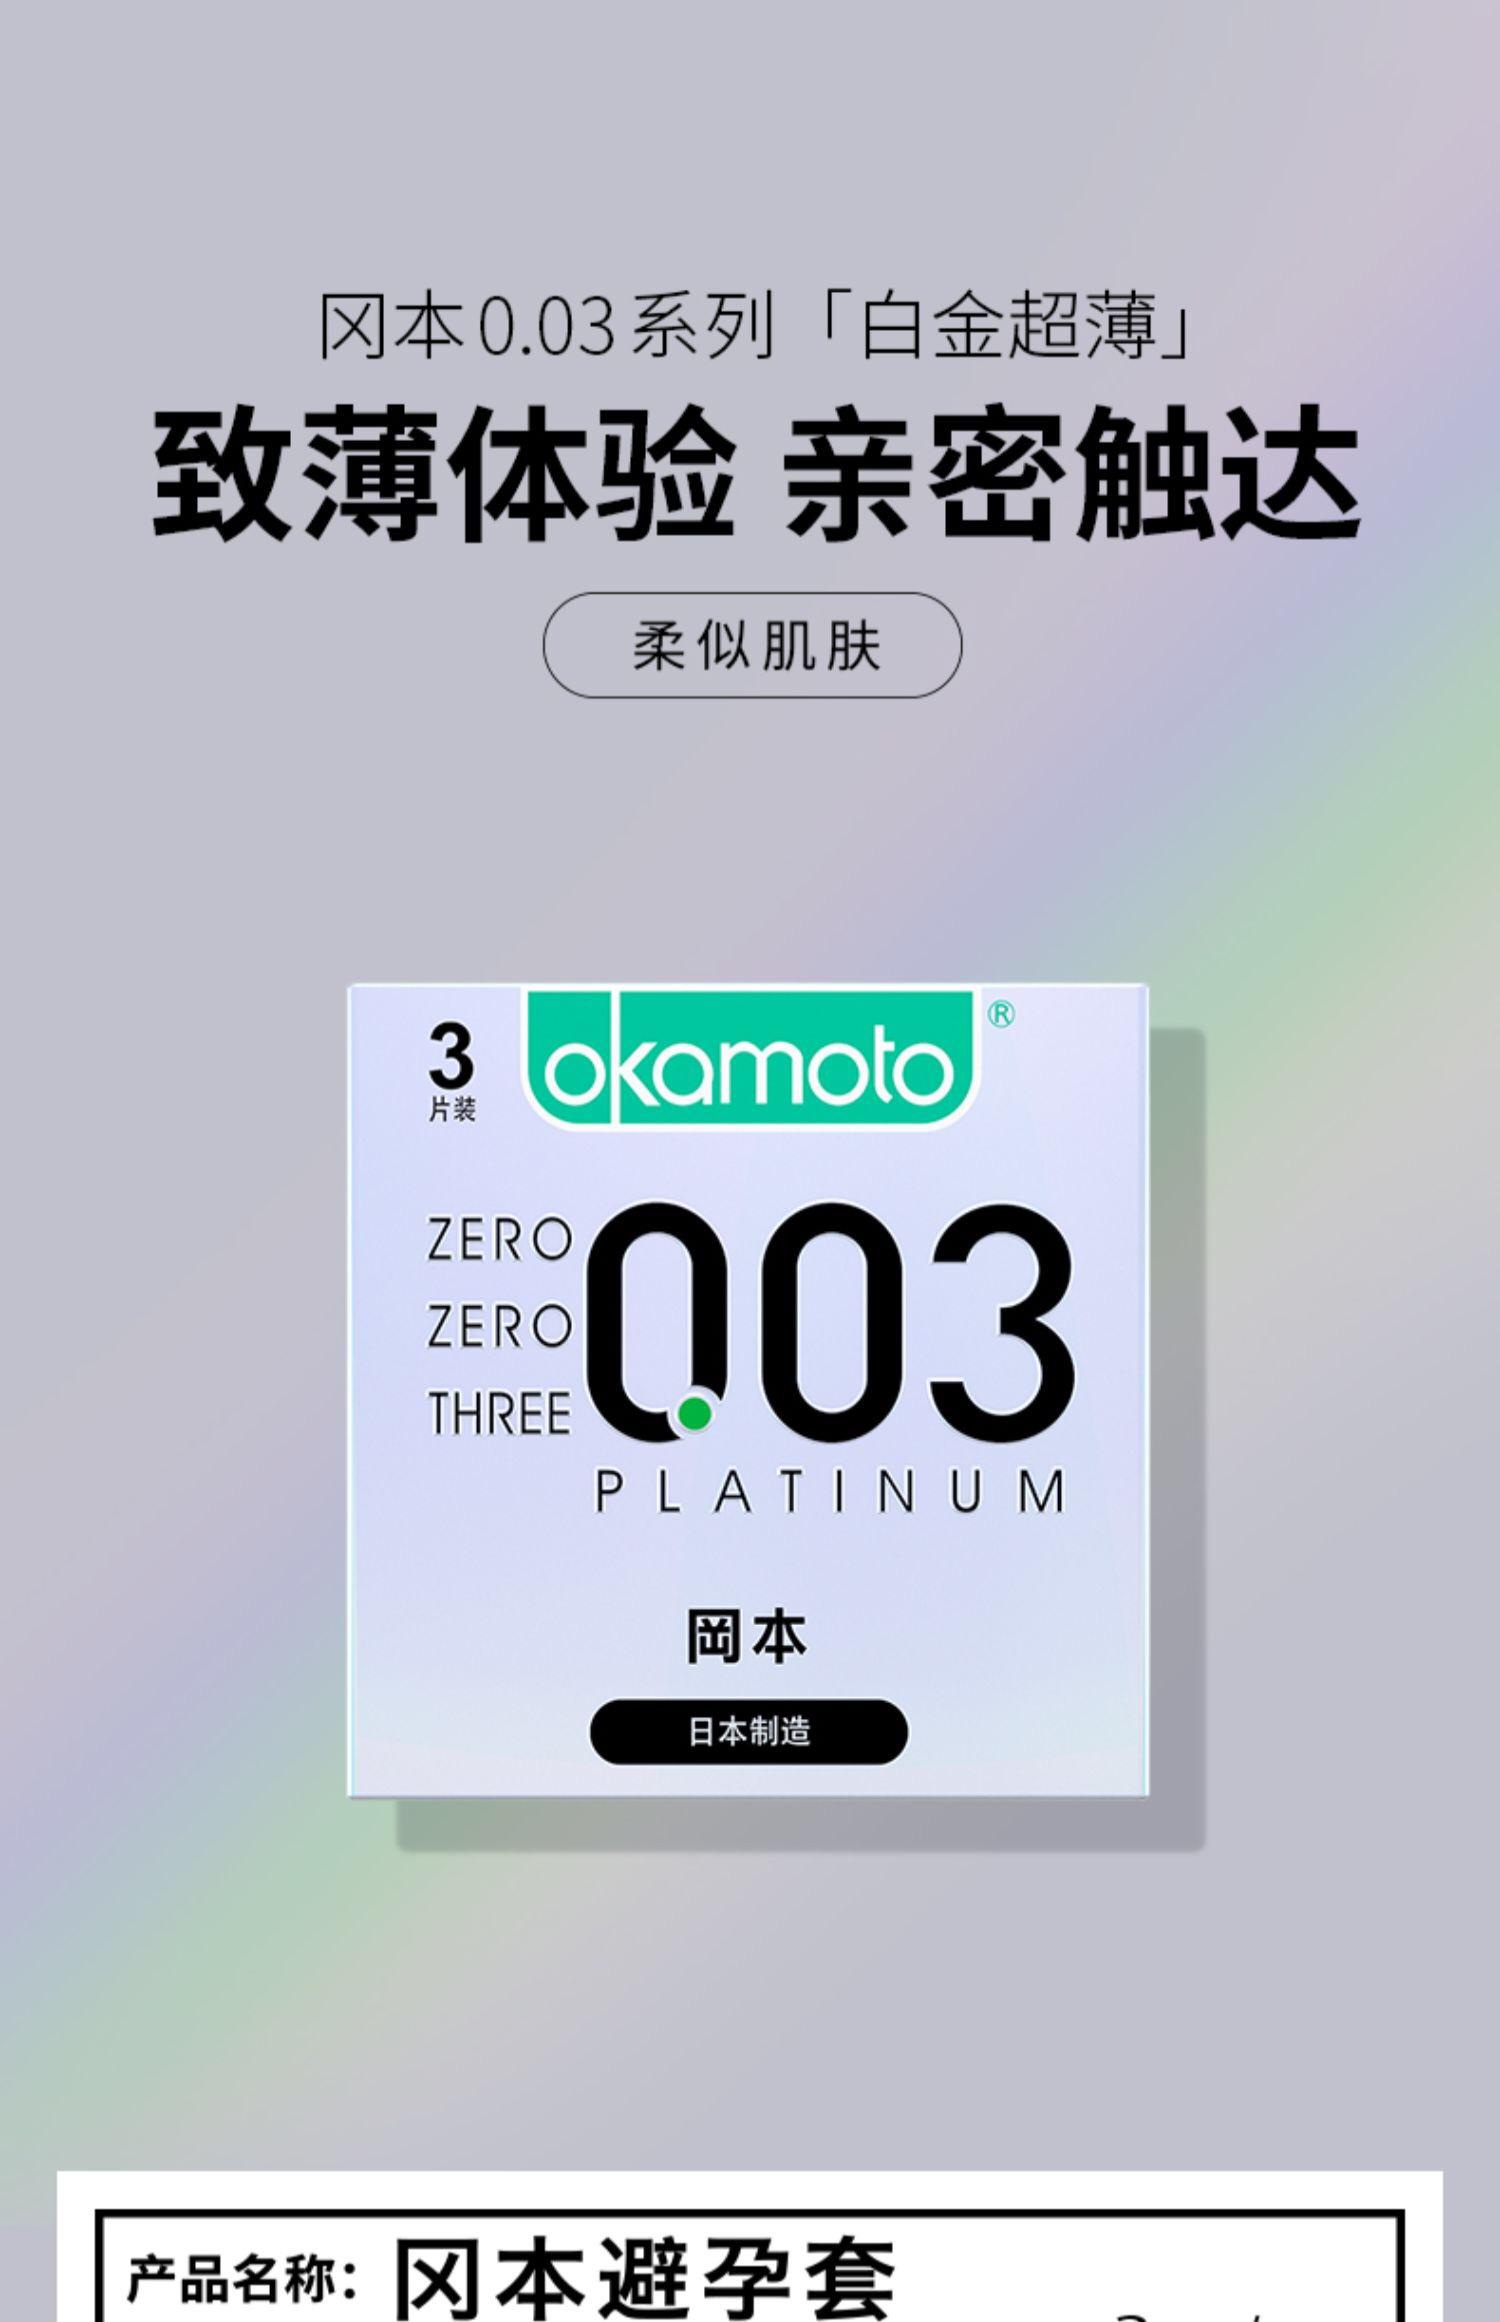 冈本OK安全套-0.03白金超薄3只 3.jpg